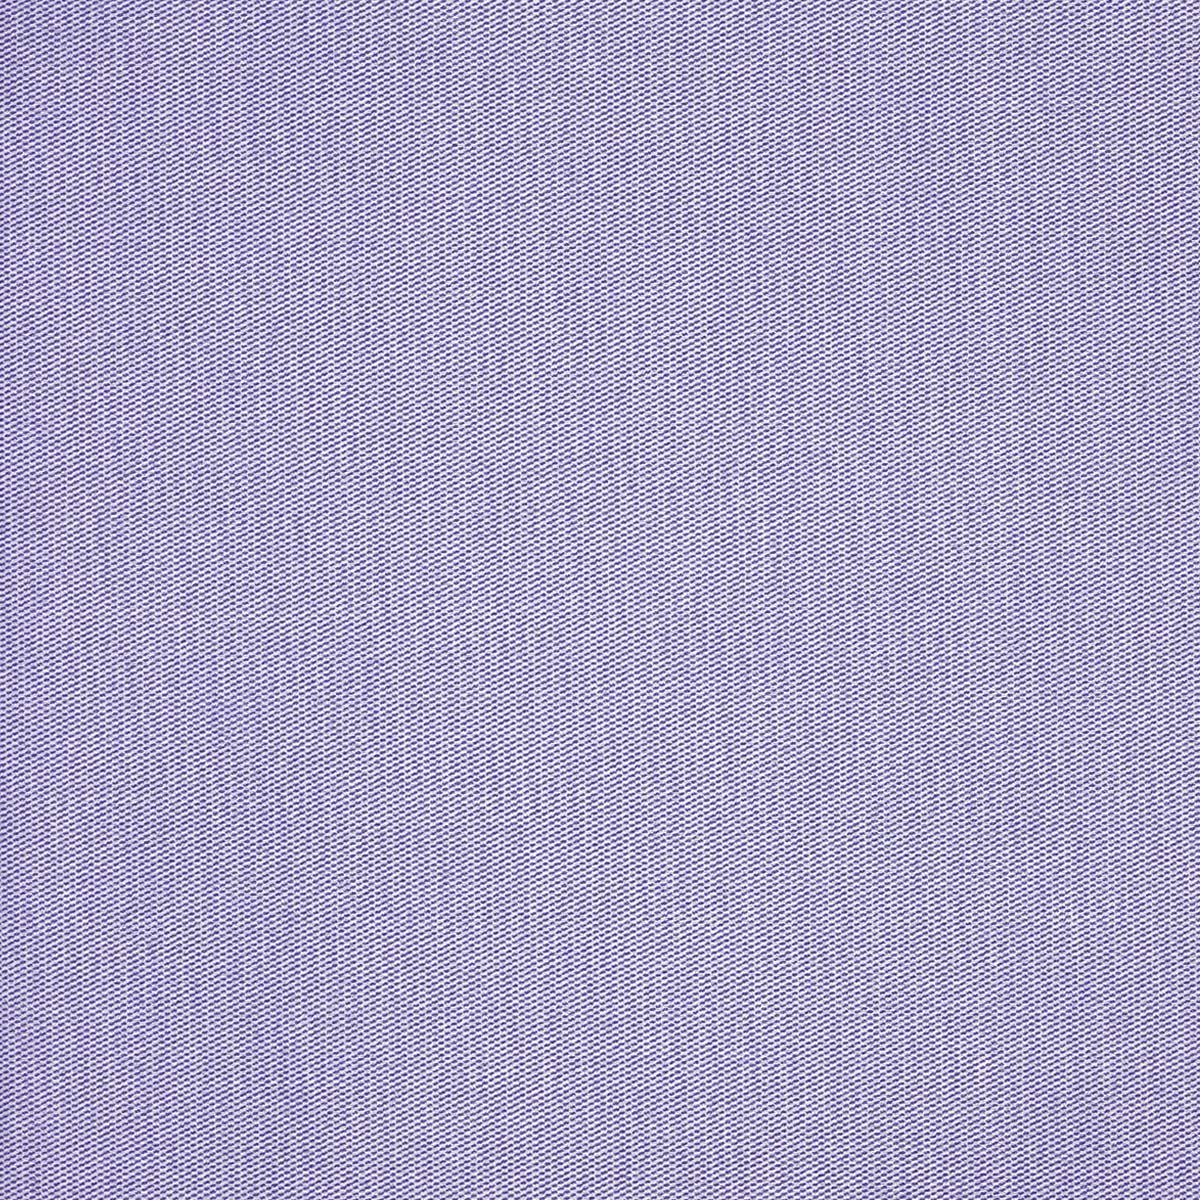 Tovaglia 100×100 Tinta Unita Viola